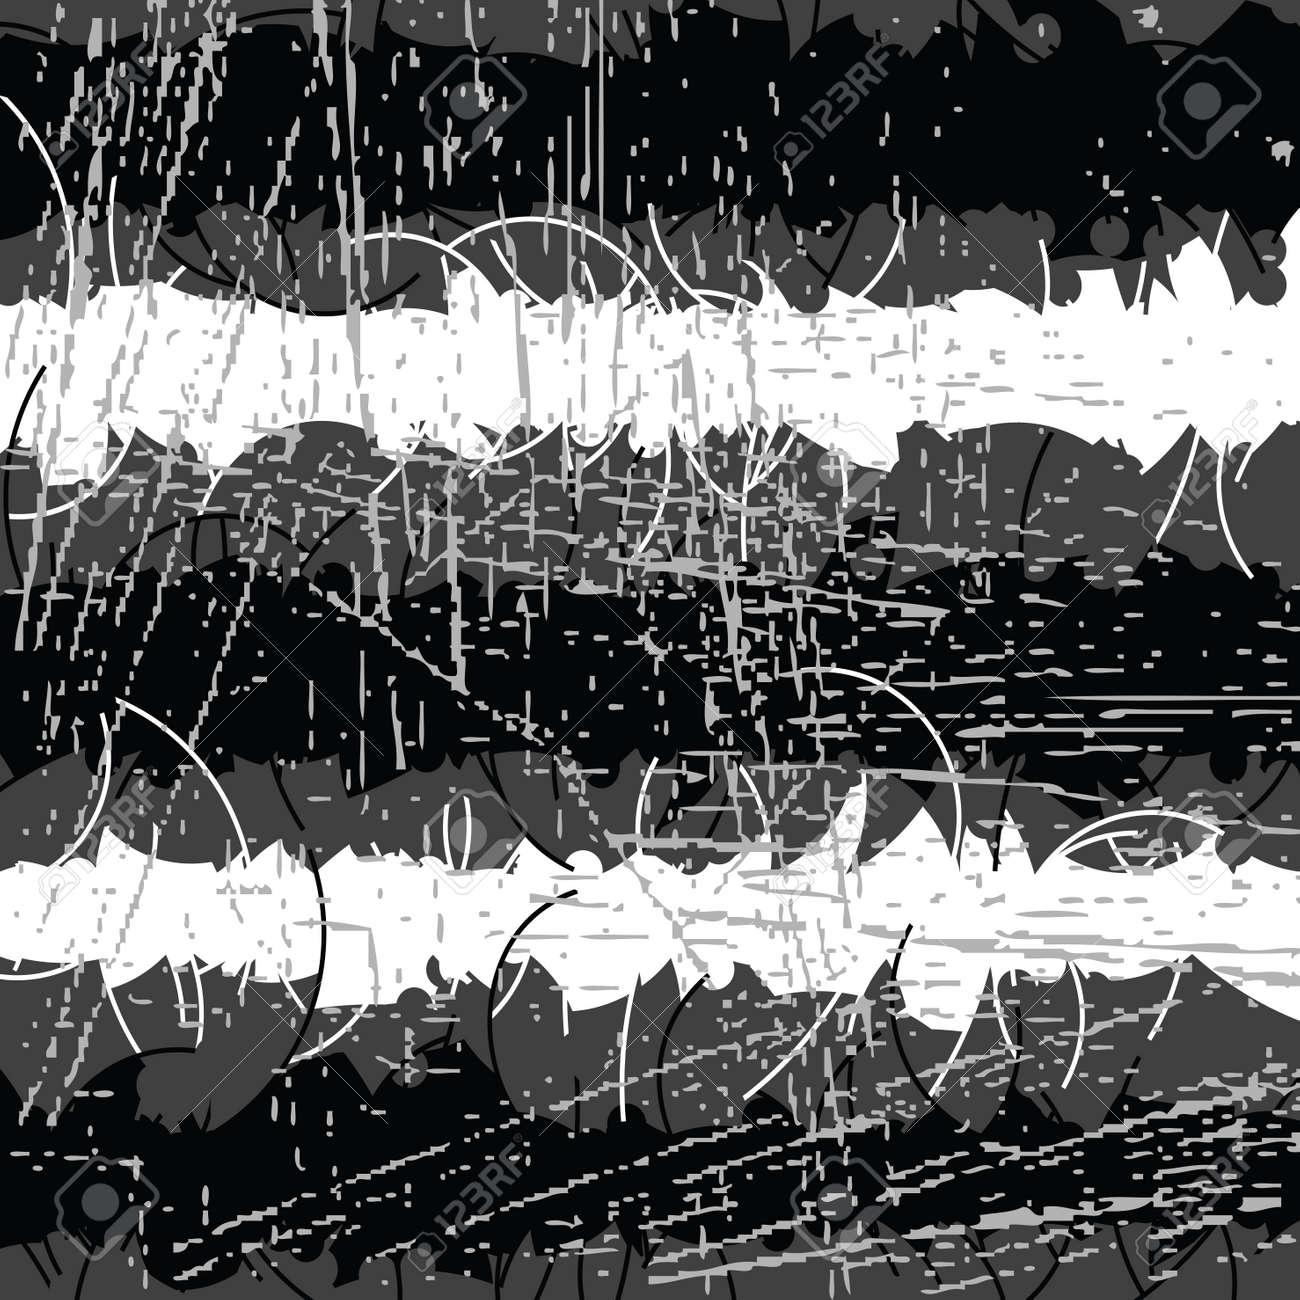 Grunge retro background Stock Photo - 7032589